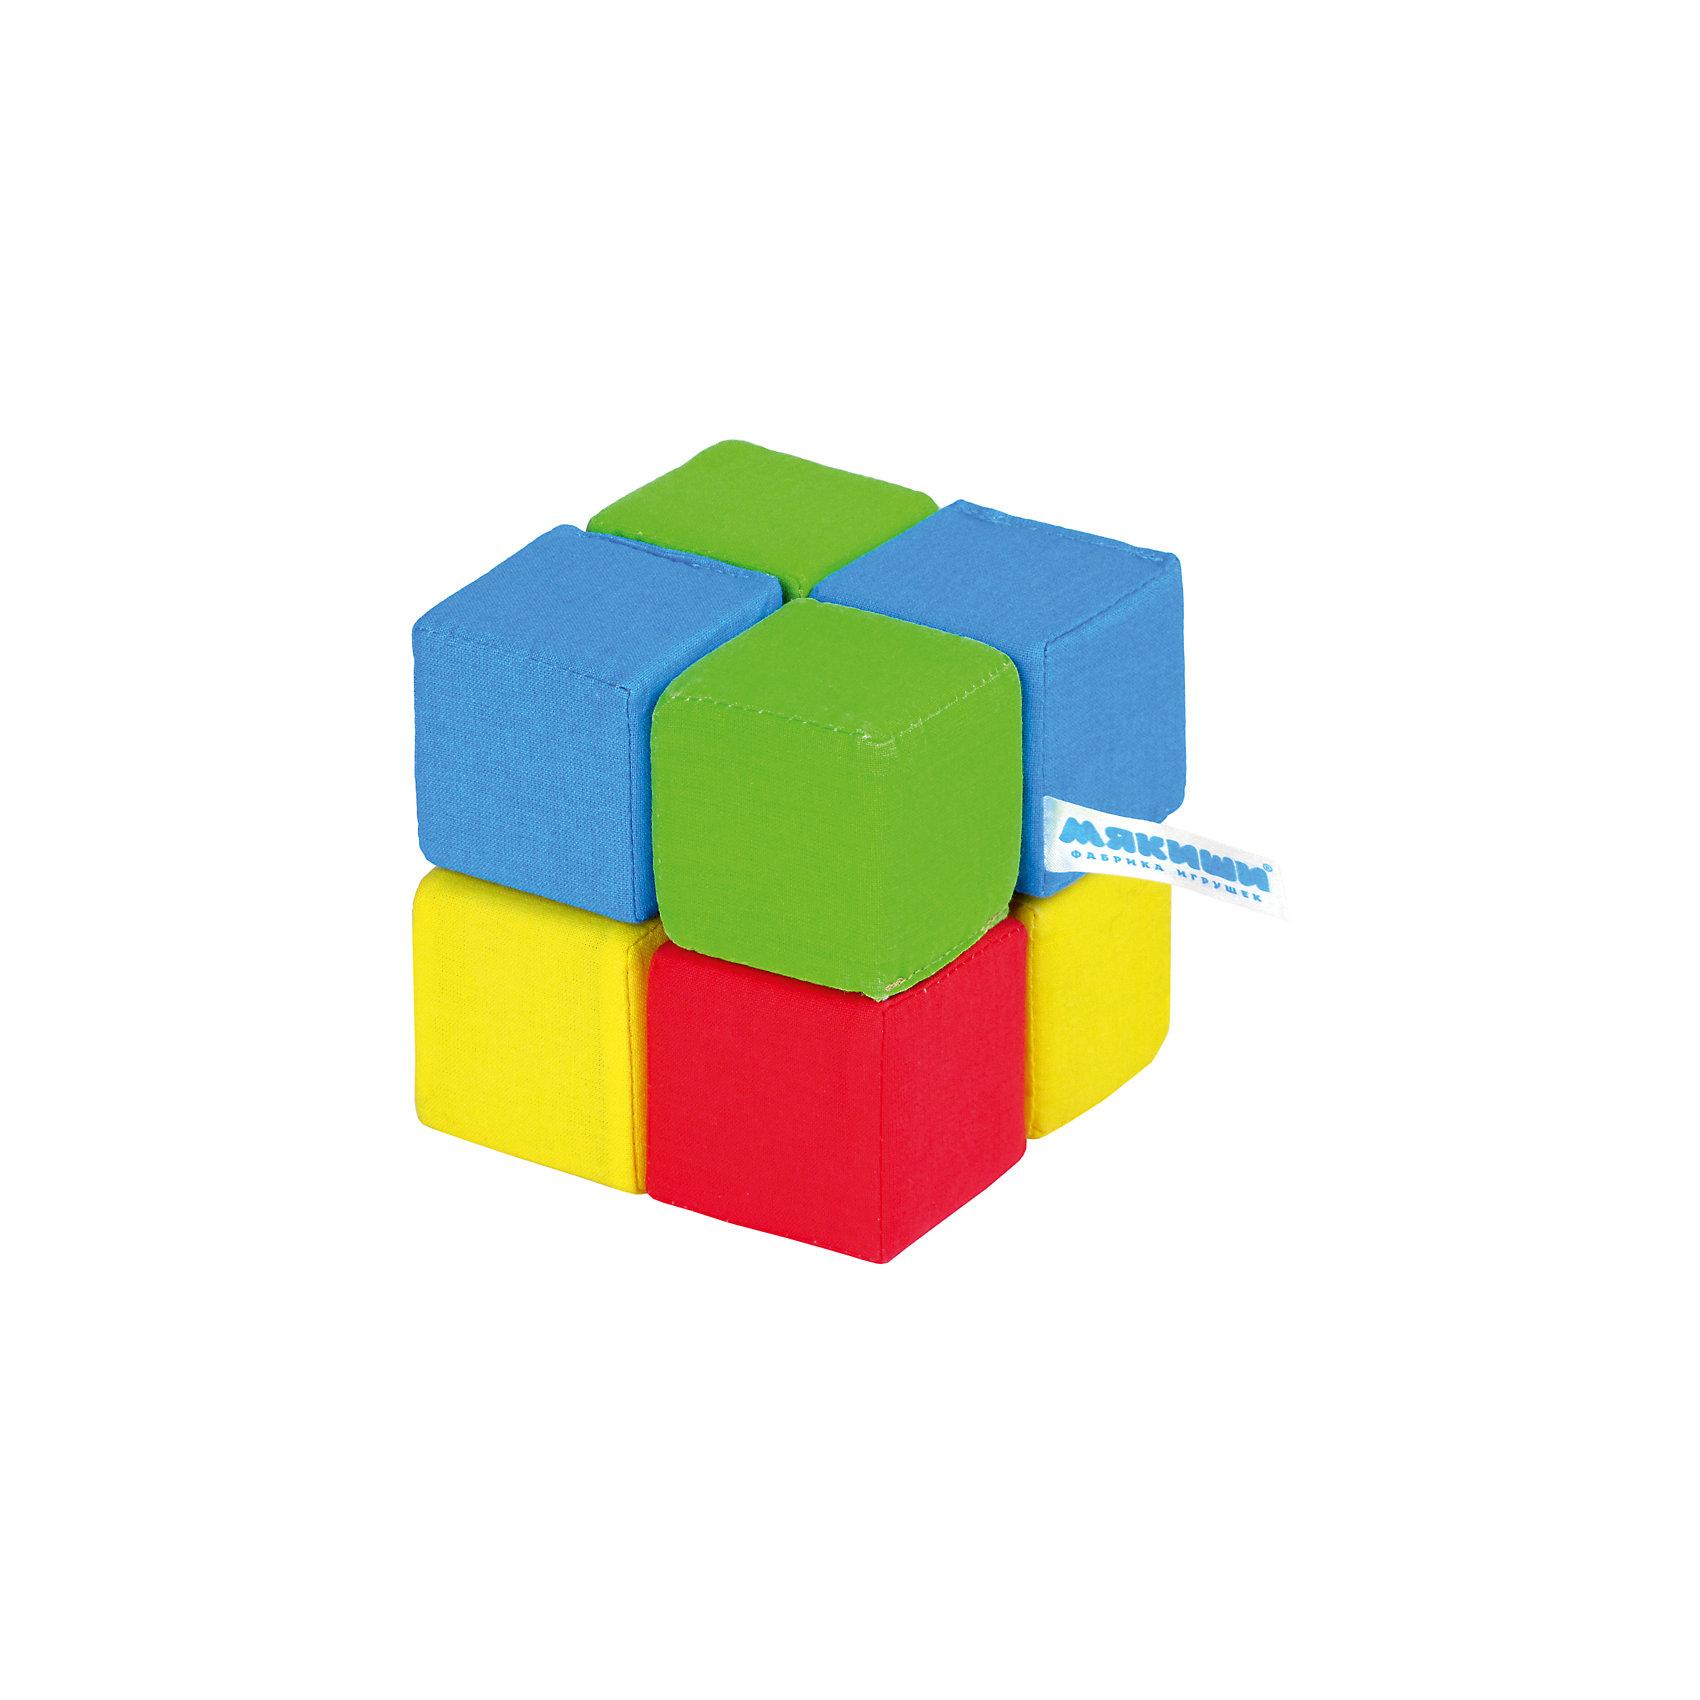 Кубики Четыре цвета, МякишиИгрушки для малышей<br>Характеристики товара:<br><br>• материал: хлопок, поролон<br>• комплектация: 8 шт<br>• размер кубика: 5х5 см<br>• размер упаковки: 15 x 18 x 10 см<br>• развивающая игрушка<br>• звуковой элемент в одном кубике<br>• упаковка: пакет<br>• страна бренда: РФ<br>• страна изготовитель: РФ<br><br>Малыши активно познают мир и тянутся к новой информации. Чтобы сделать процесс изучения окружающего пространства интереснее, ребенку можно подарить развивающие игрушки. В процессе игры информация усваивается намного лучше!<br>Такие кубики помогут занять малыша, играть ими приятно и весело. Одновременно они позволят познакомиться с разными цветами. Такие игрушки развивают тактильные ощущения, моторику, цветовосприятие, логику, воображение, учат фокусировать внимание. Каждое изделие абсолютно безопасно – оно создано из качественной ткани с мягким наполнителем. Игрушки производятся из качественных и проверенных материалов, которые безопасны для детей.<br><br>Кубики Четыре цвета от бренда Мякиши можно купить в нашем интернет-магазине.<br><br>Ширина мм: 150<br>Глубина мм: 180<br>Высота мм: 100<br>Вес г: 80<br>Возраст от месяцев: 12<br>Возраст до месяцев: 36<br>Пол: Унисекс<br>Возраст: Детский<br>SKU: 5183223